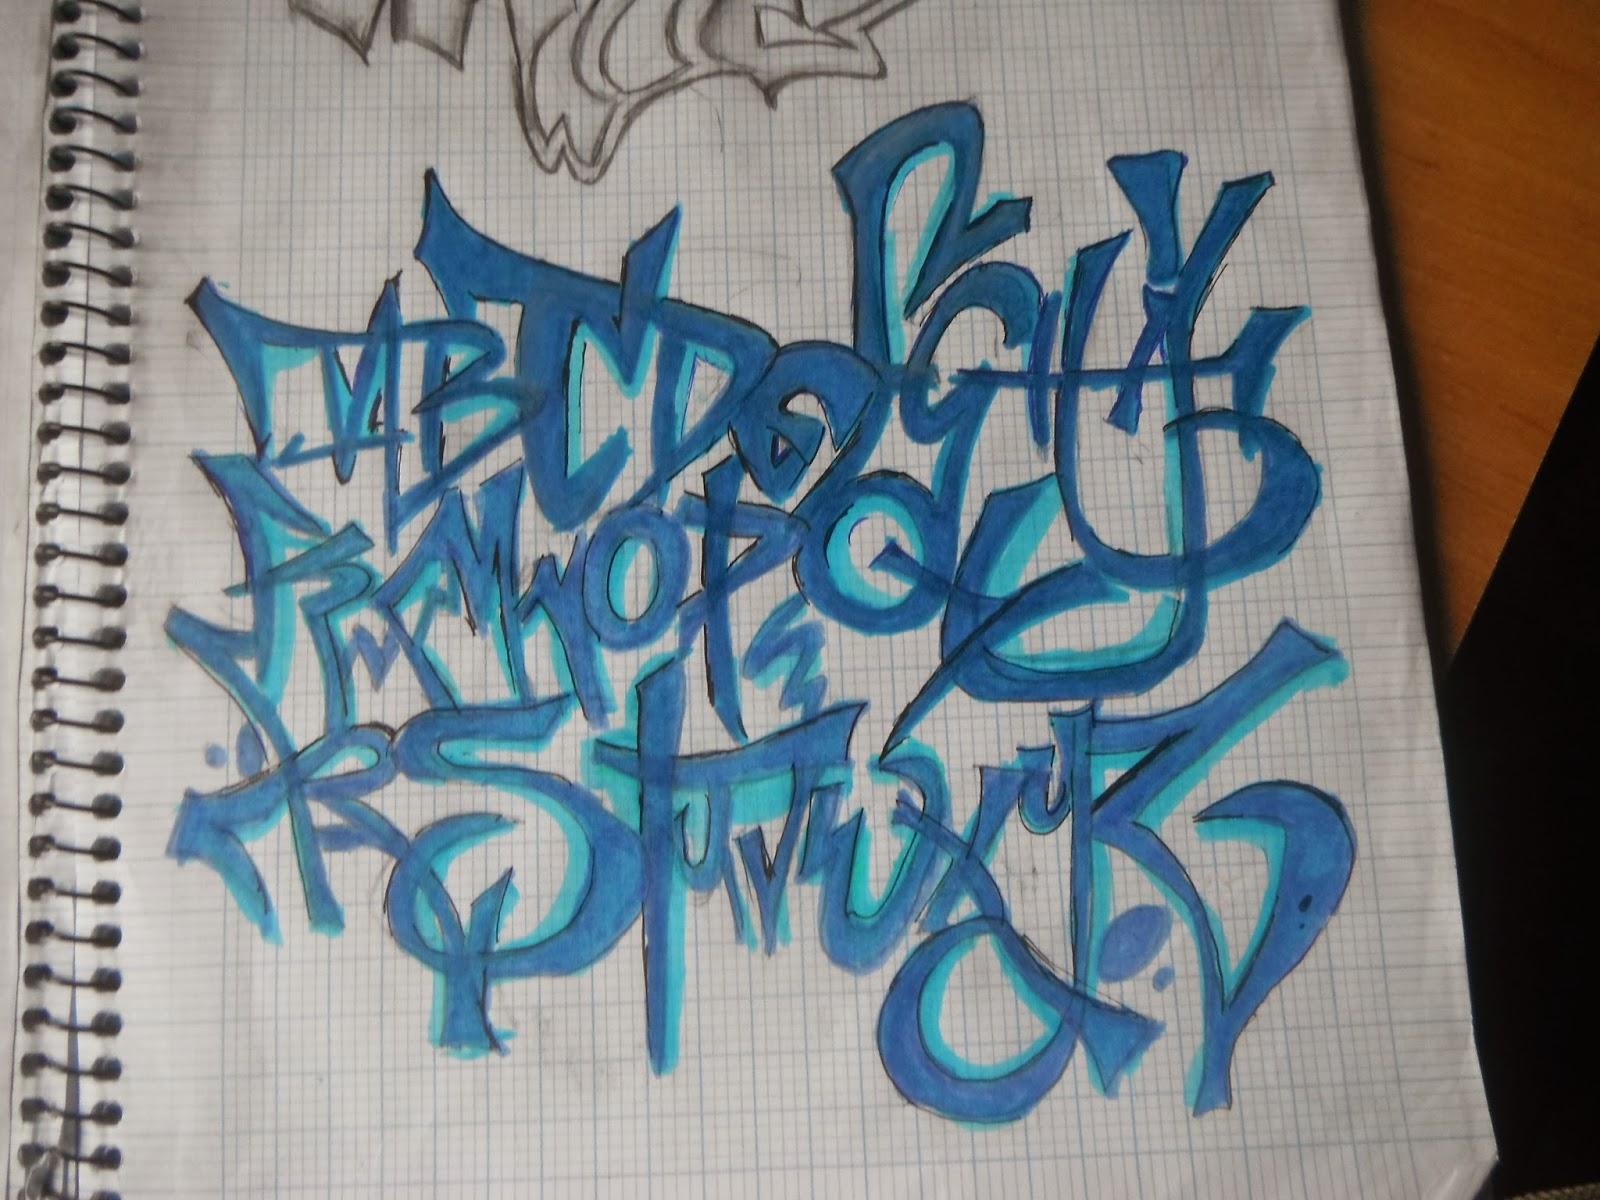 Abecedario en graffiti con sombra - Imagui